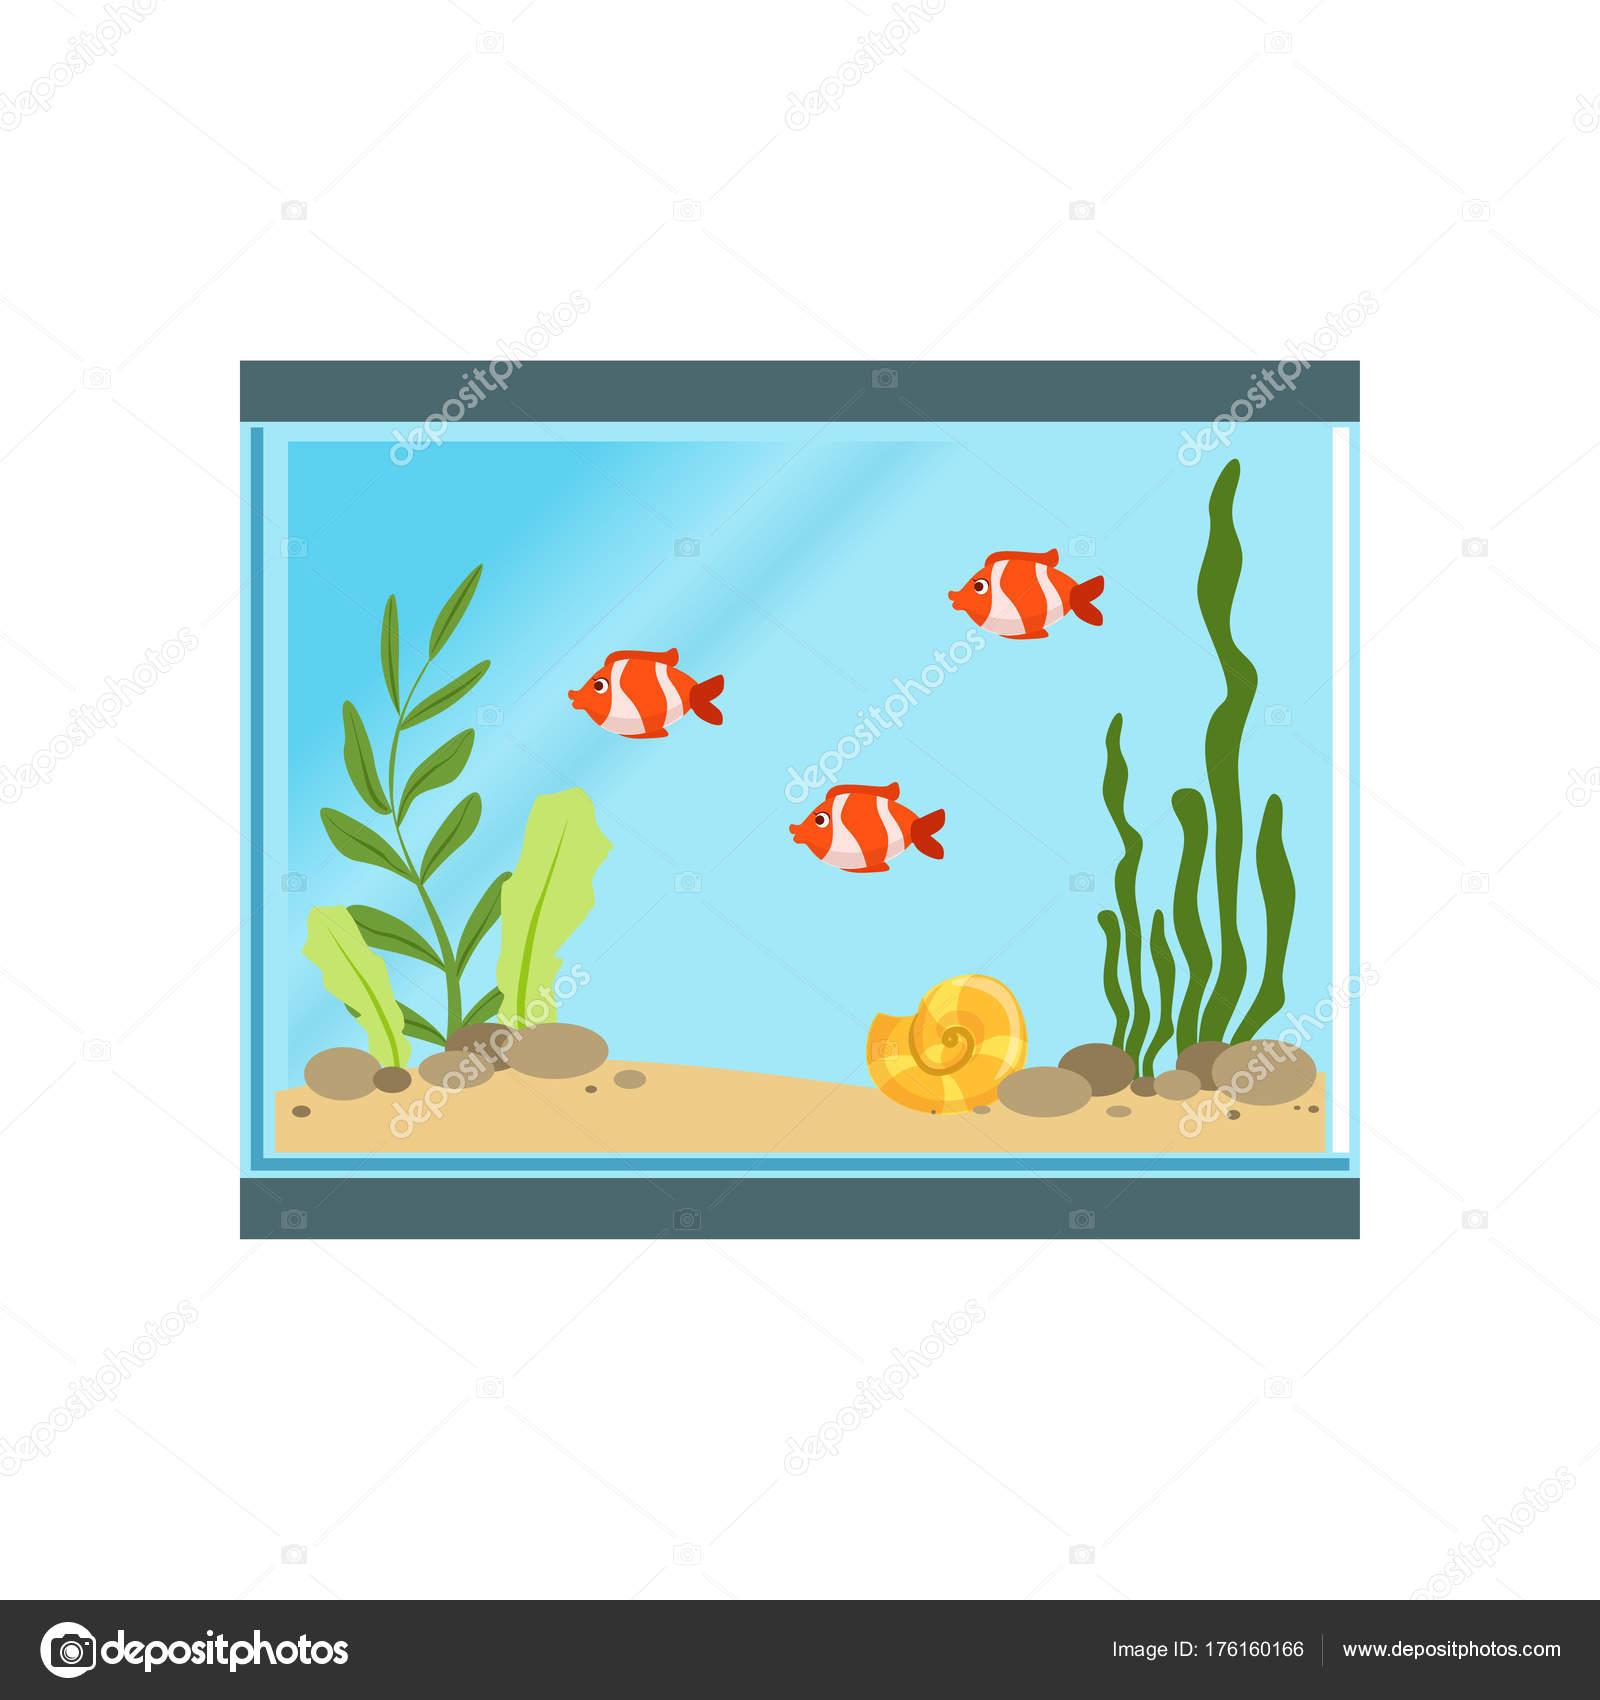 Aquarium clipart rectangular aquarium. Icon of glass with